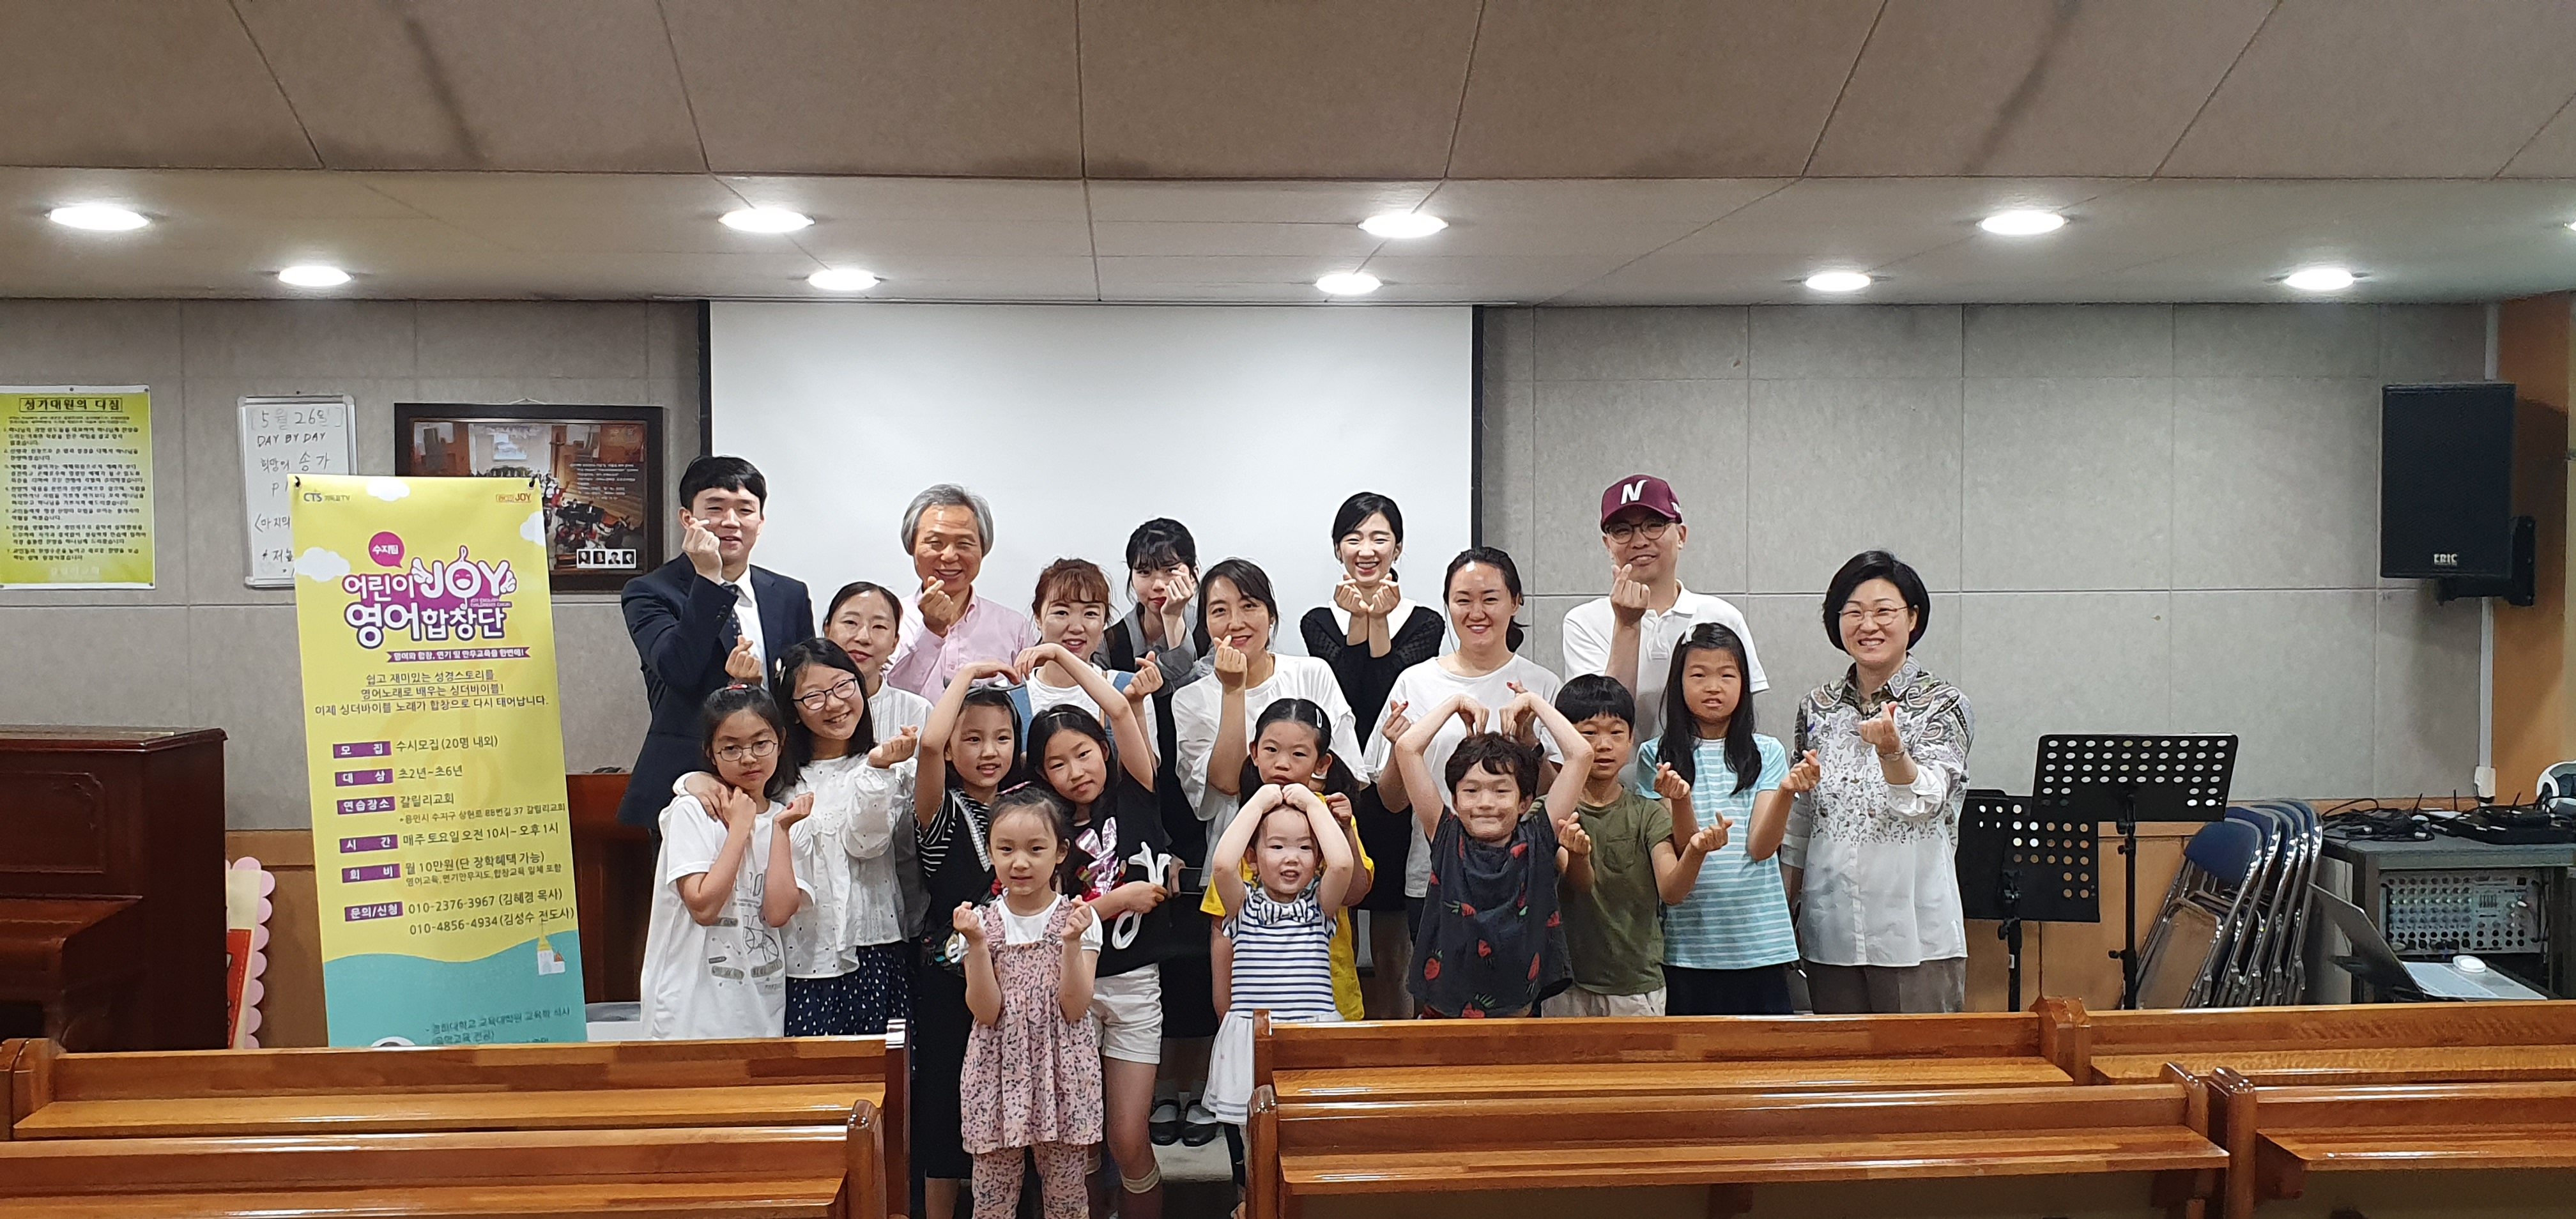 수지 CTS 어린이영어합창단이 창단되었습니다.